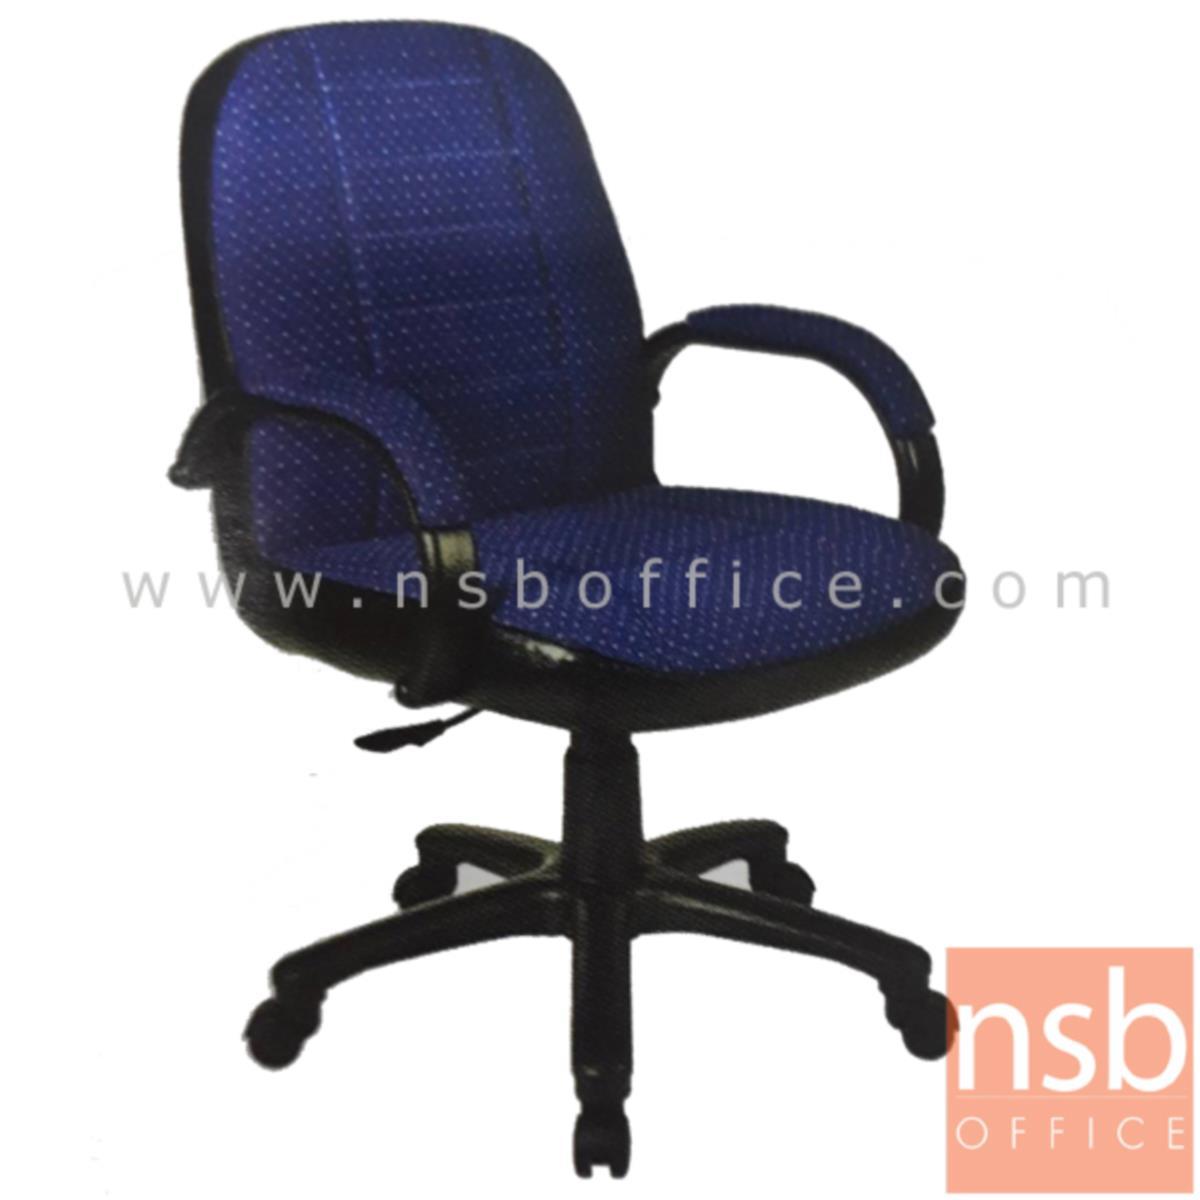 B03A409:เก้าอี้สำนักงาน รุ่น MPK-921  โช๊คแก๊ส ขาเหล็กพ่นดำ